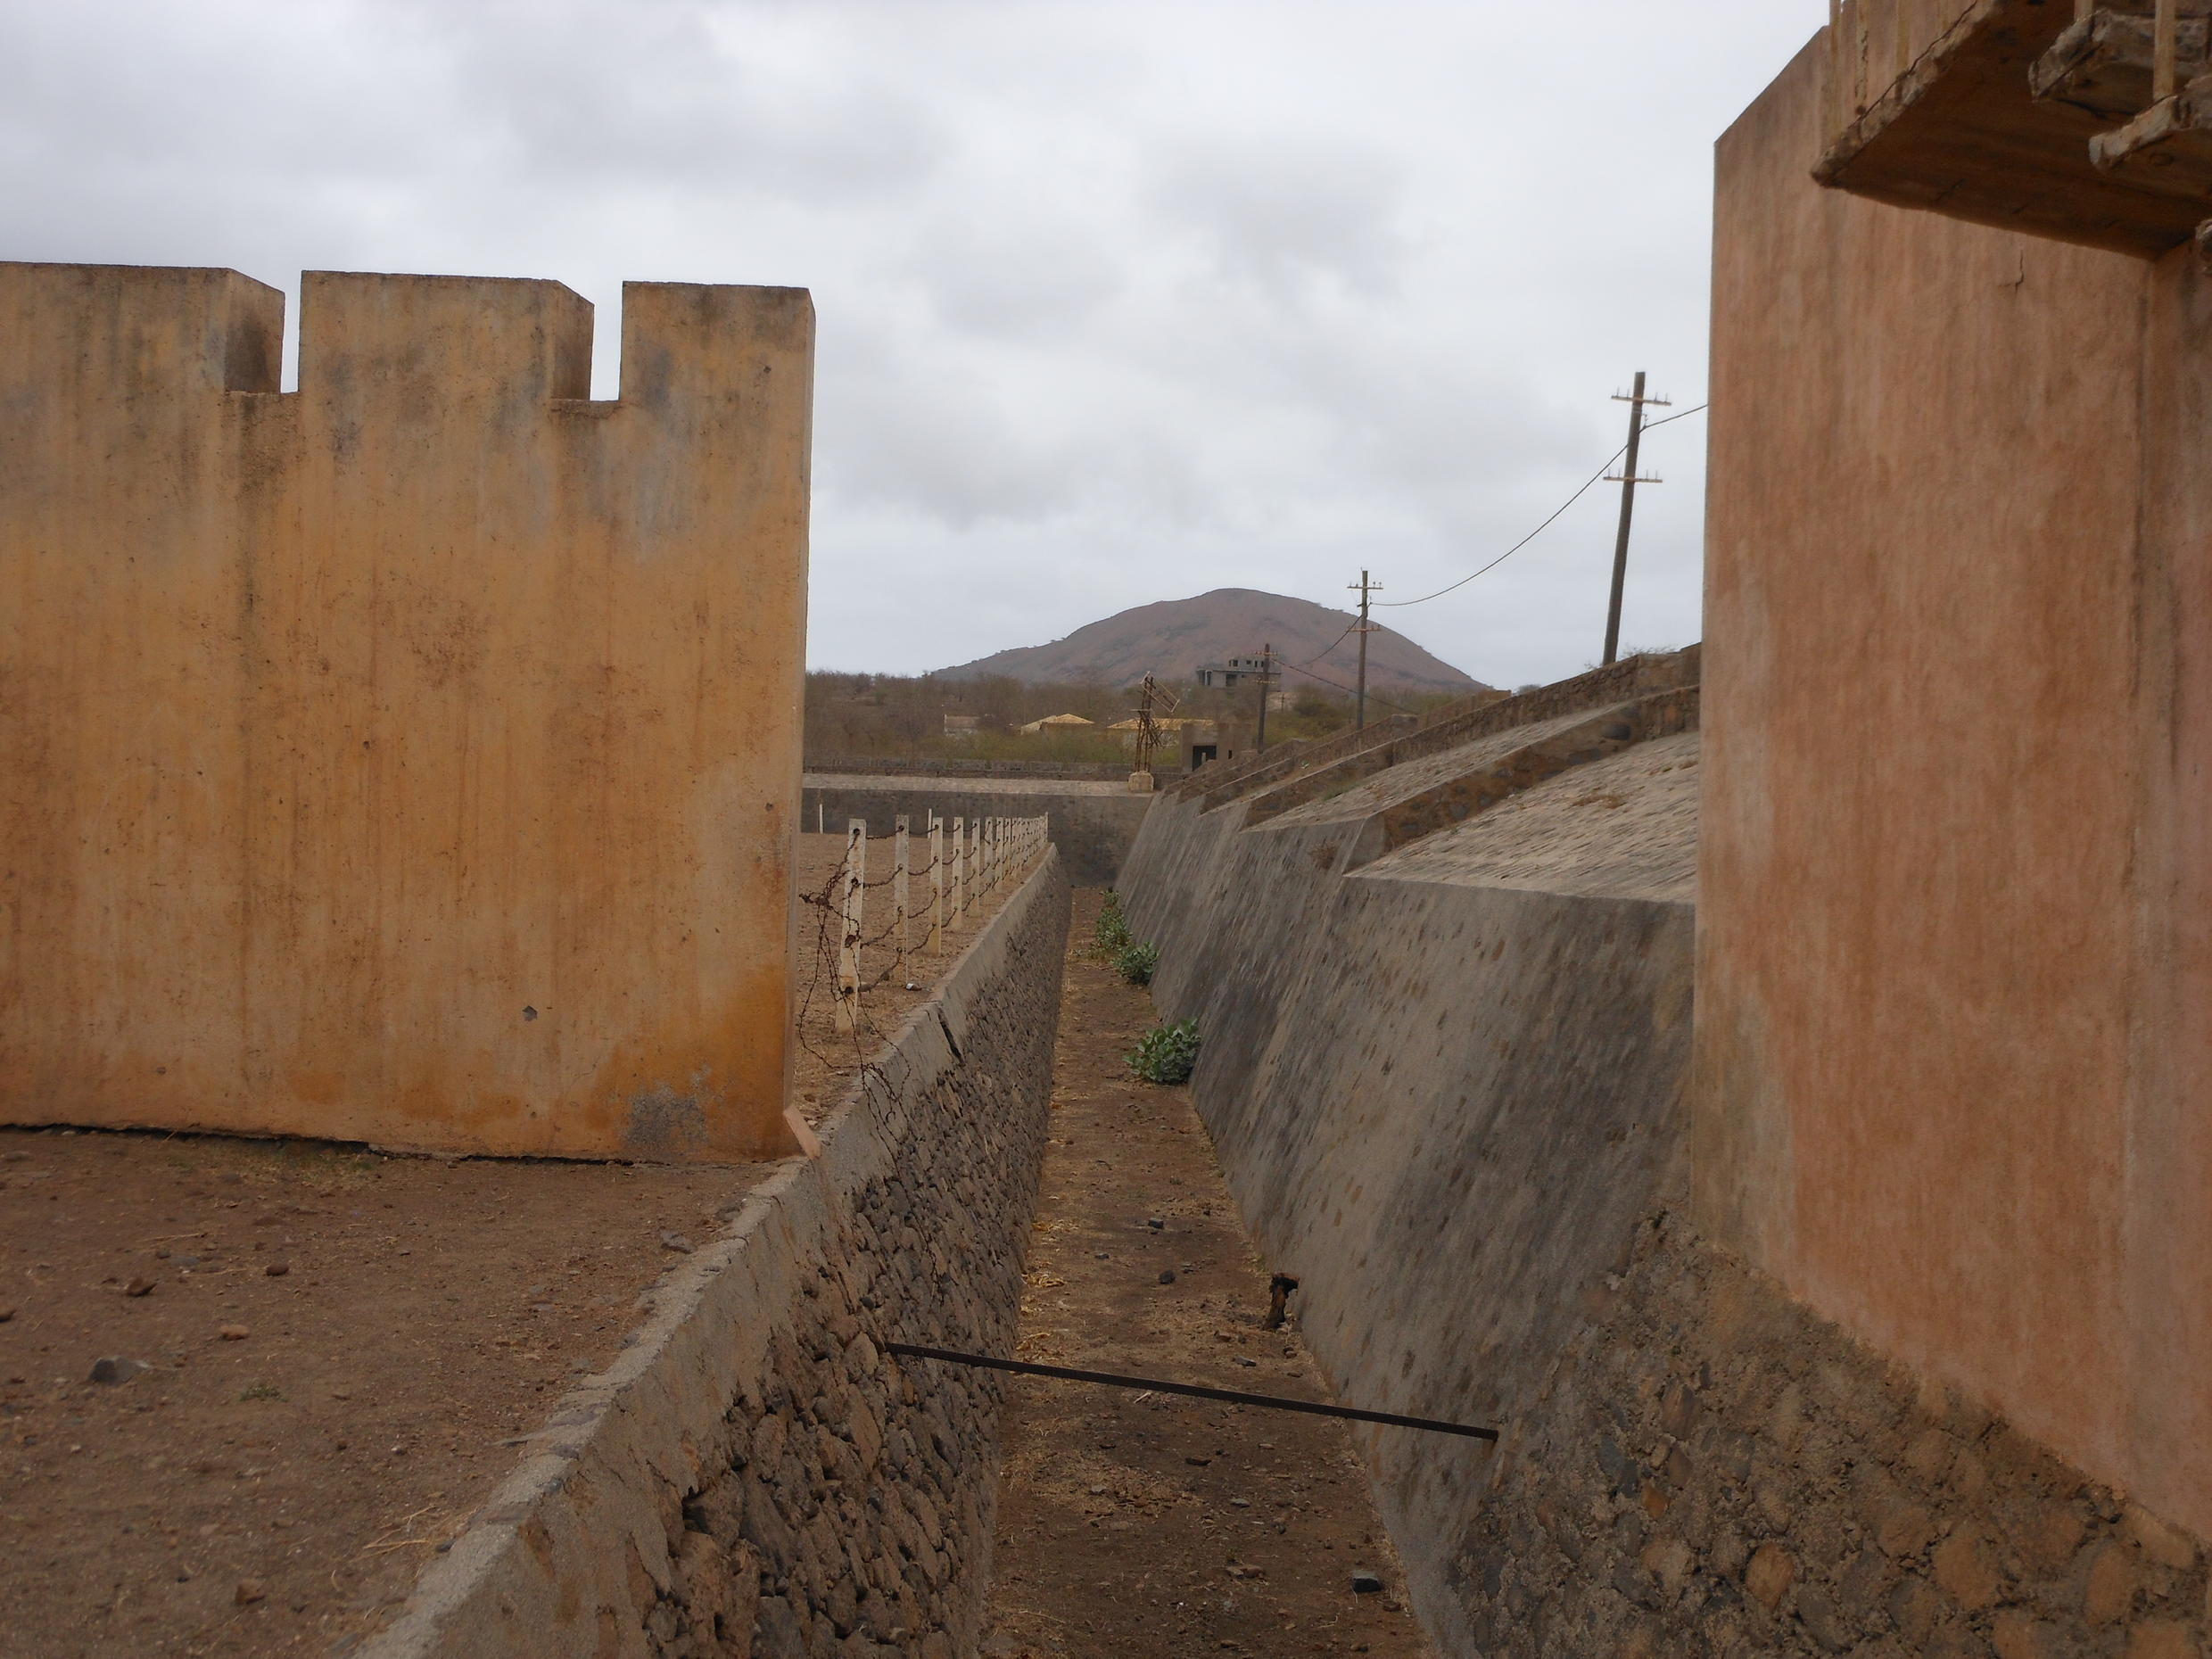 Espessas muralhas e arame farpado encerravam os presos longe dos olhares da vila do Tarrafal